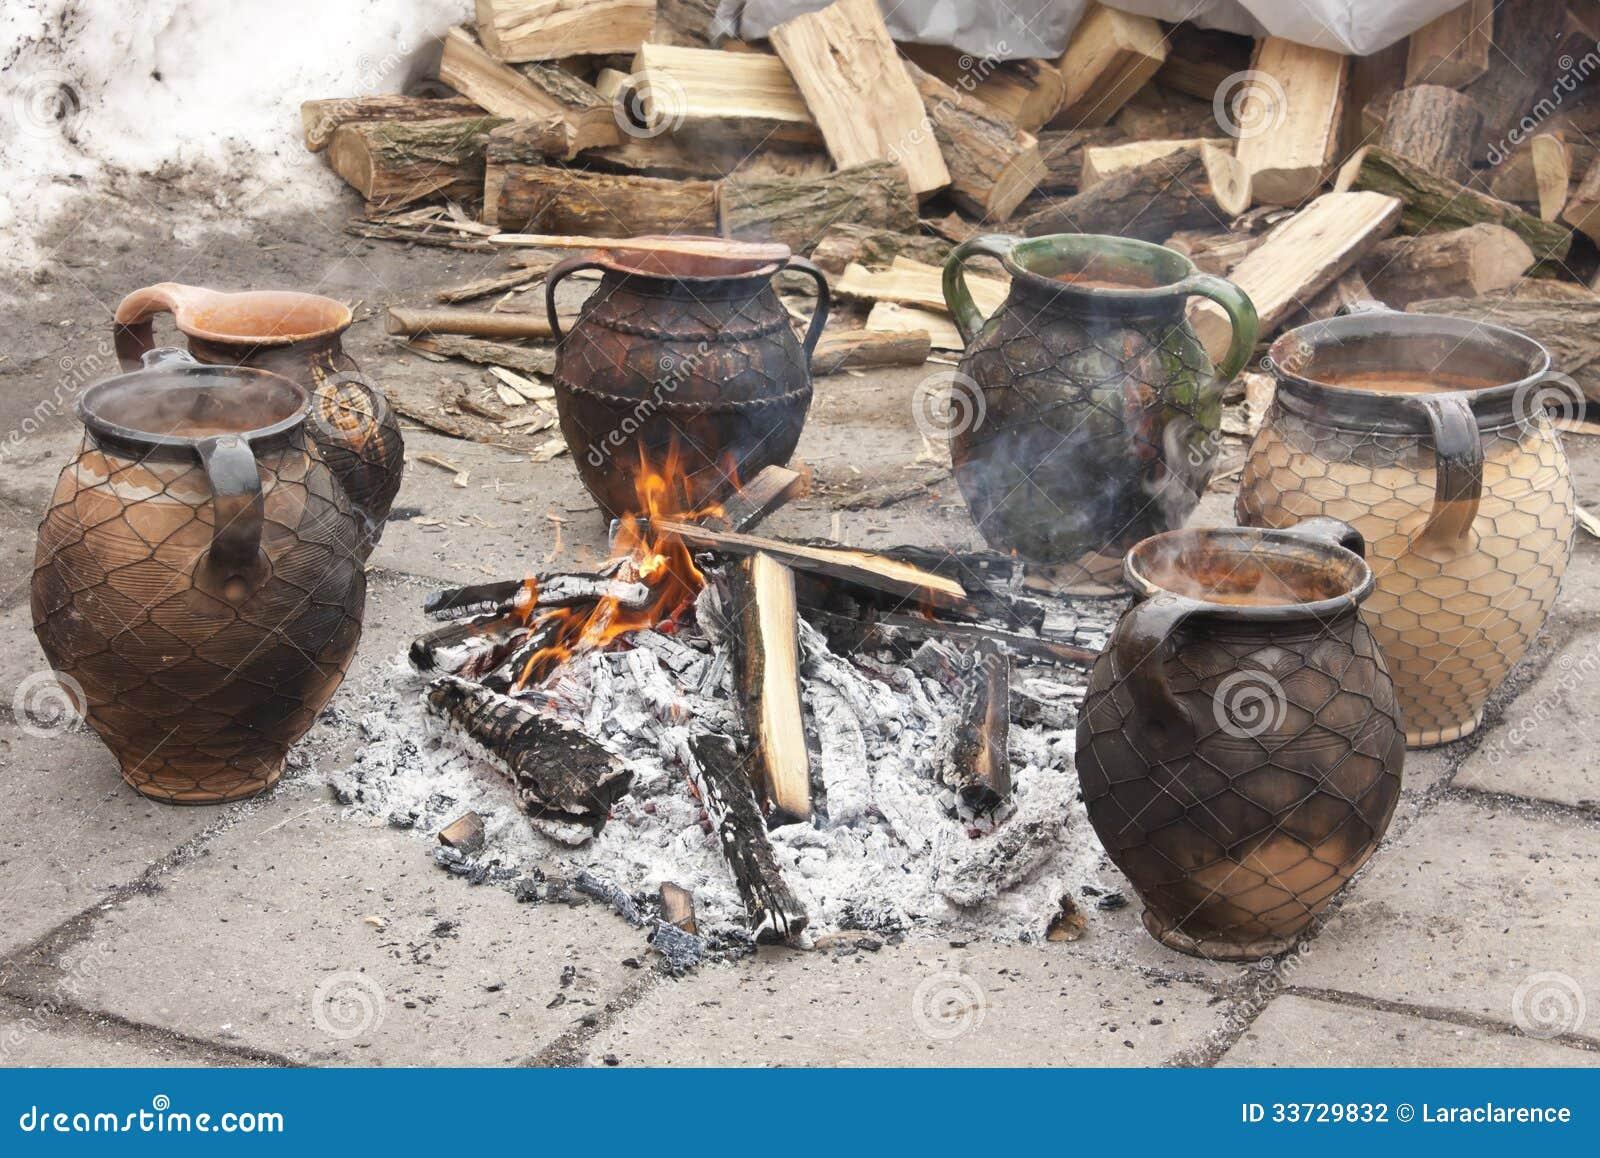 W miotaczu gotująca polewka